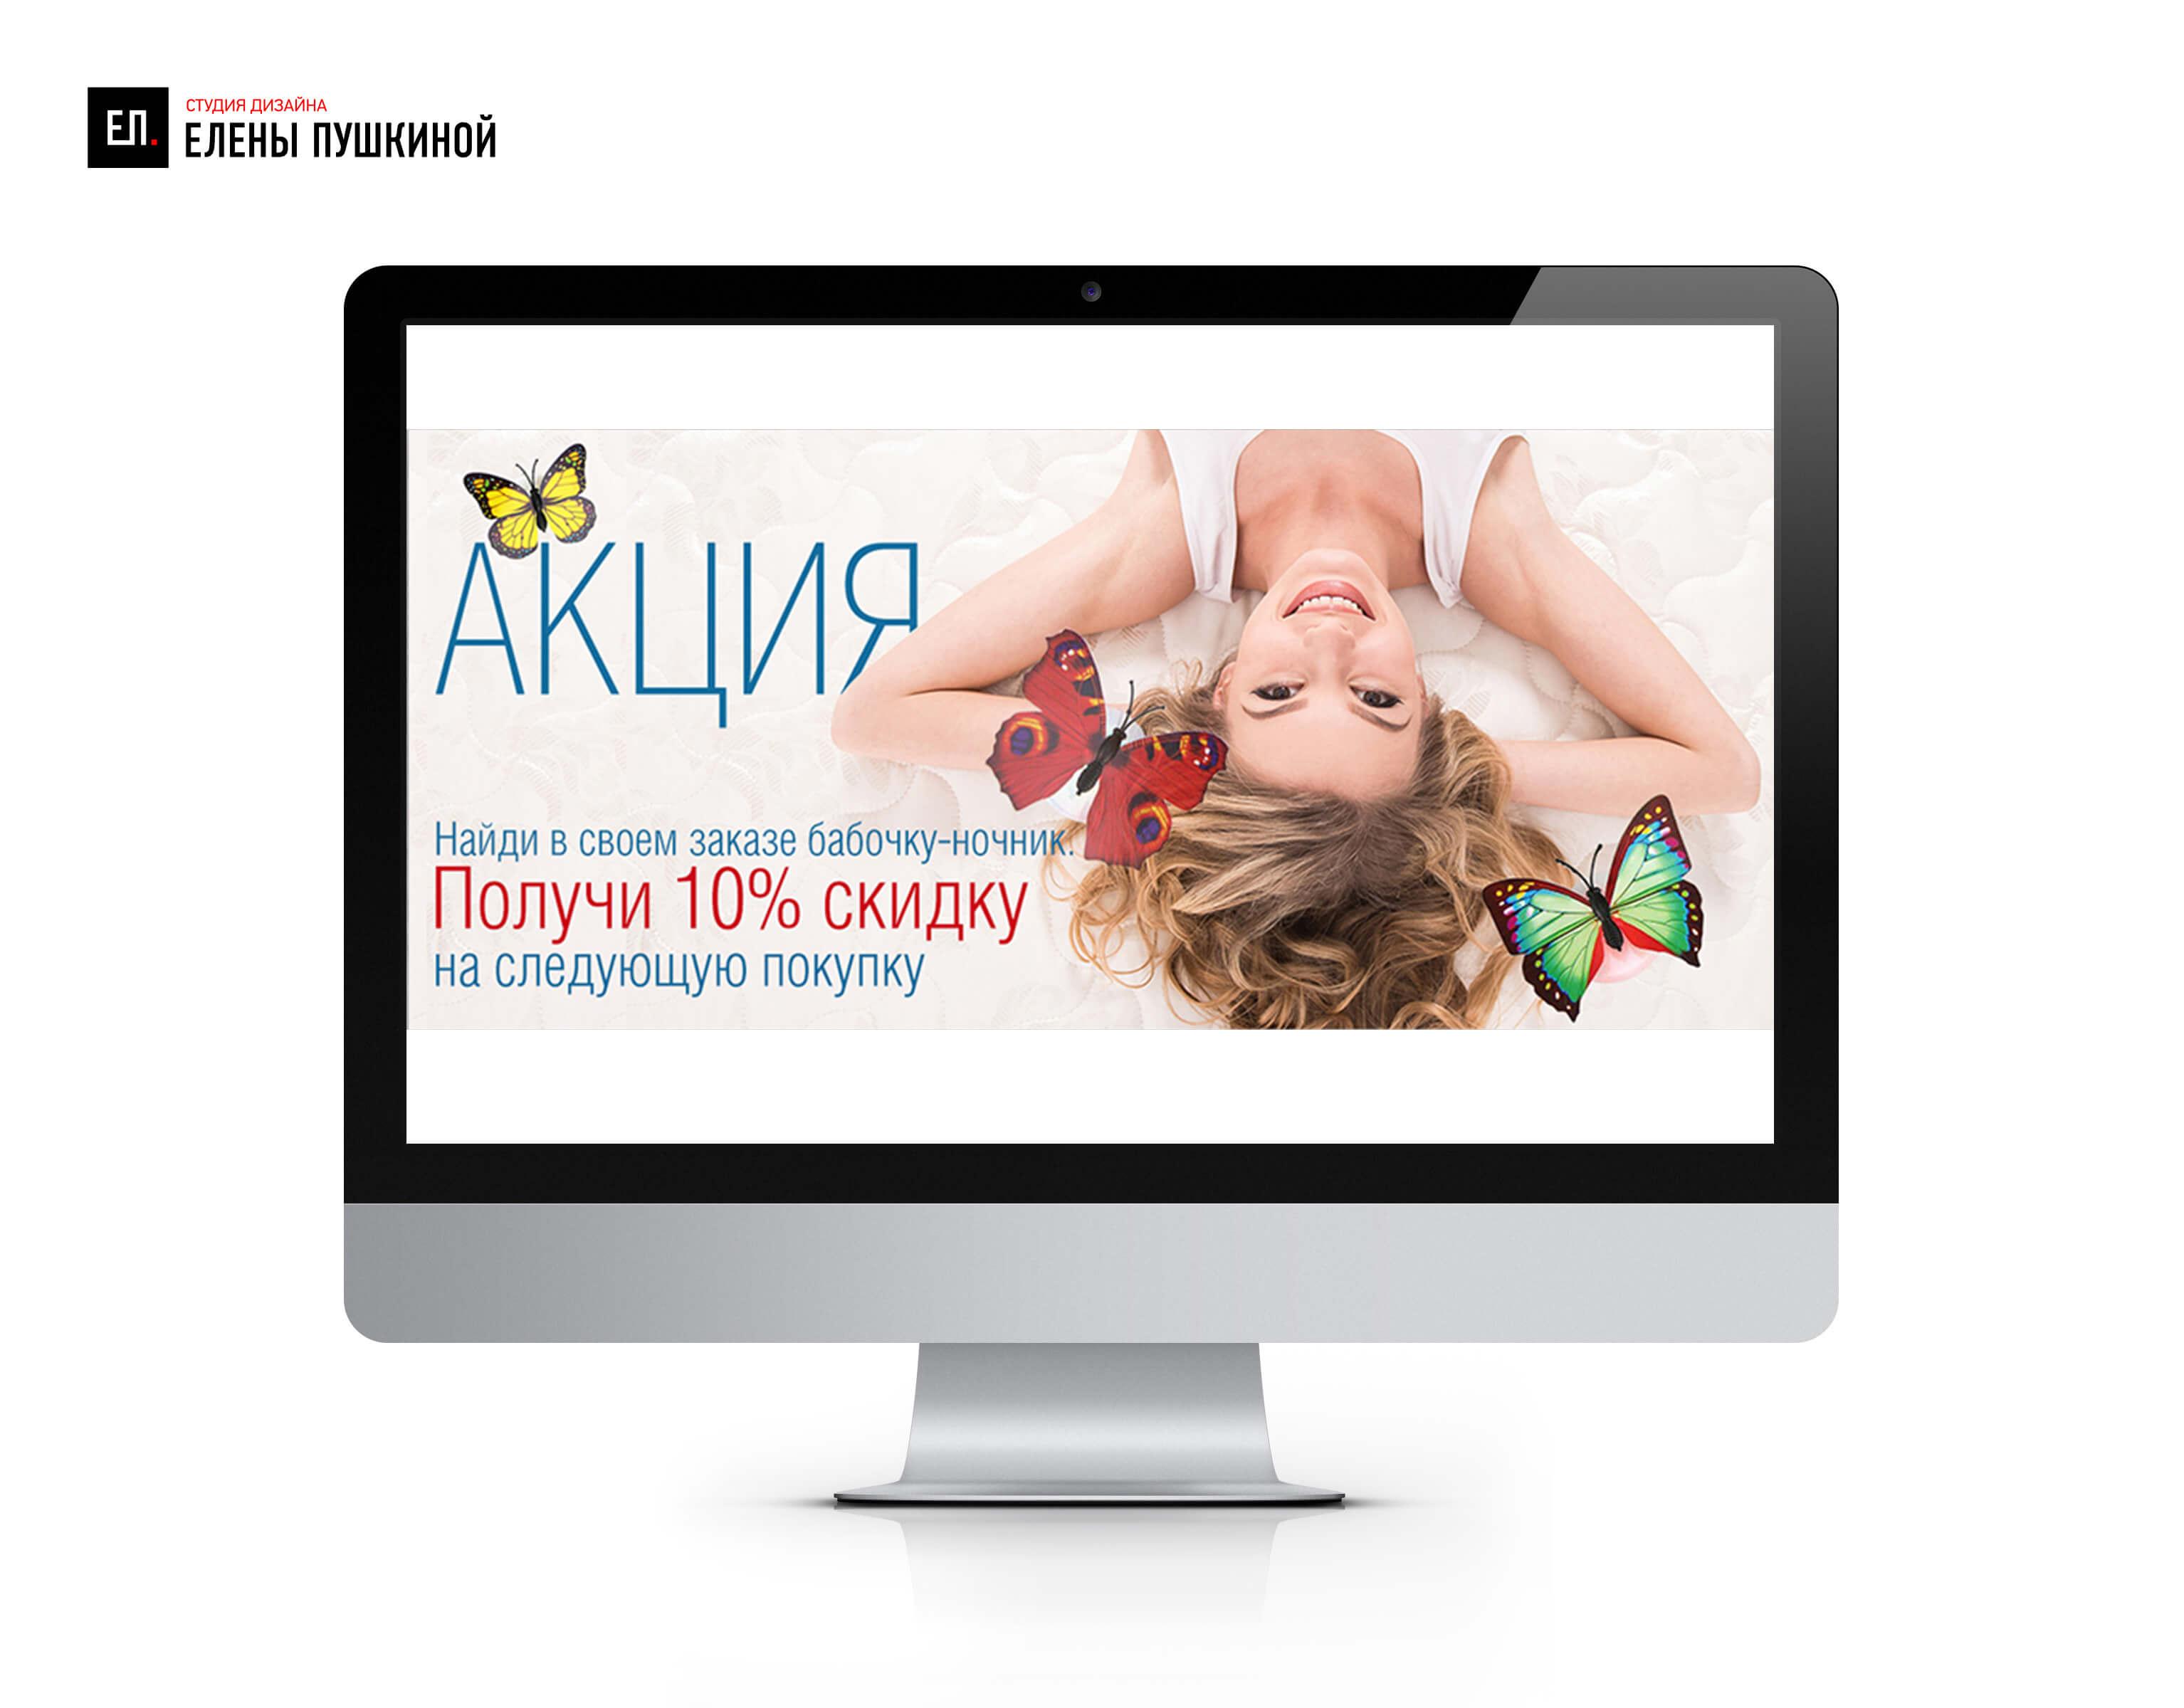 Веб-баннер №2 для Интернет-магазина Здоровый-сон.рф Баннеры для сайта Портфолио